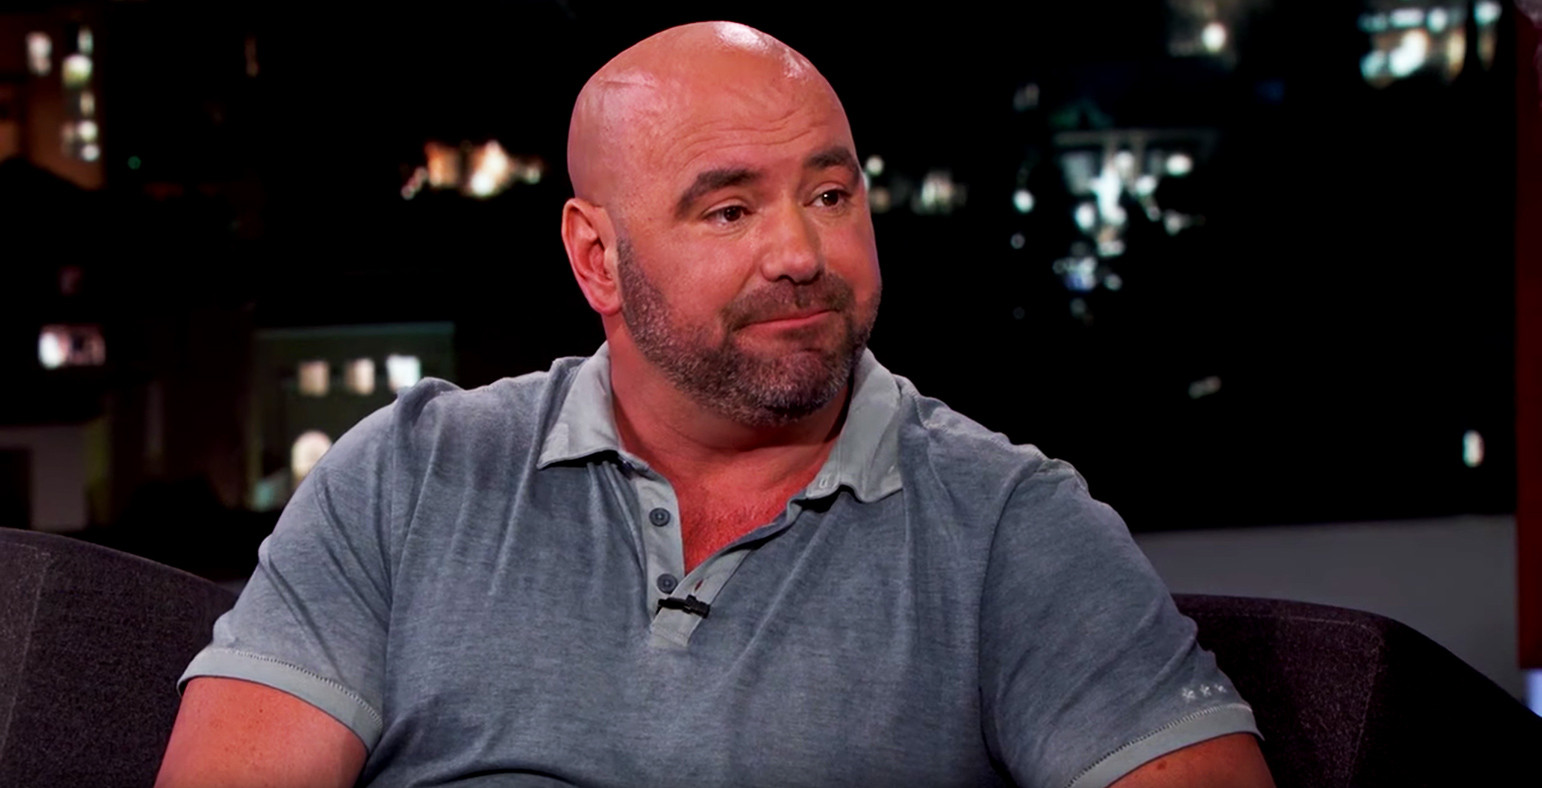 UFC supremo Dana White borrows Brian Ortega's face to wish everyone a happy easter -